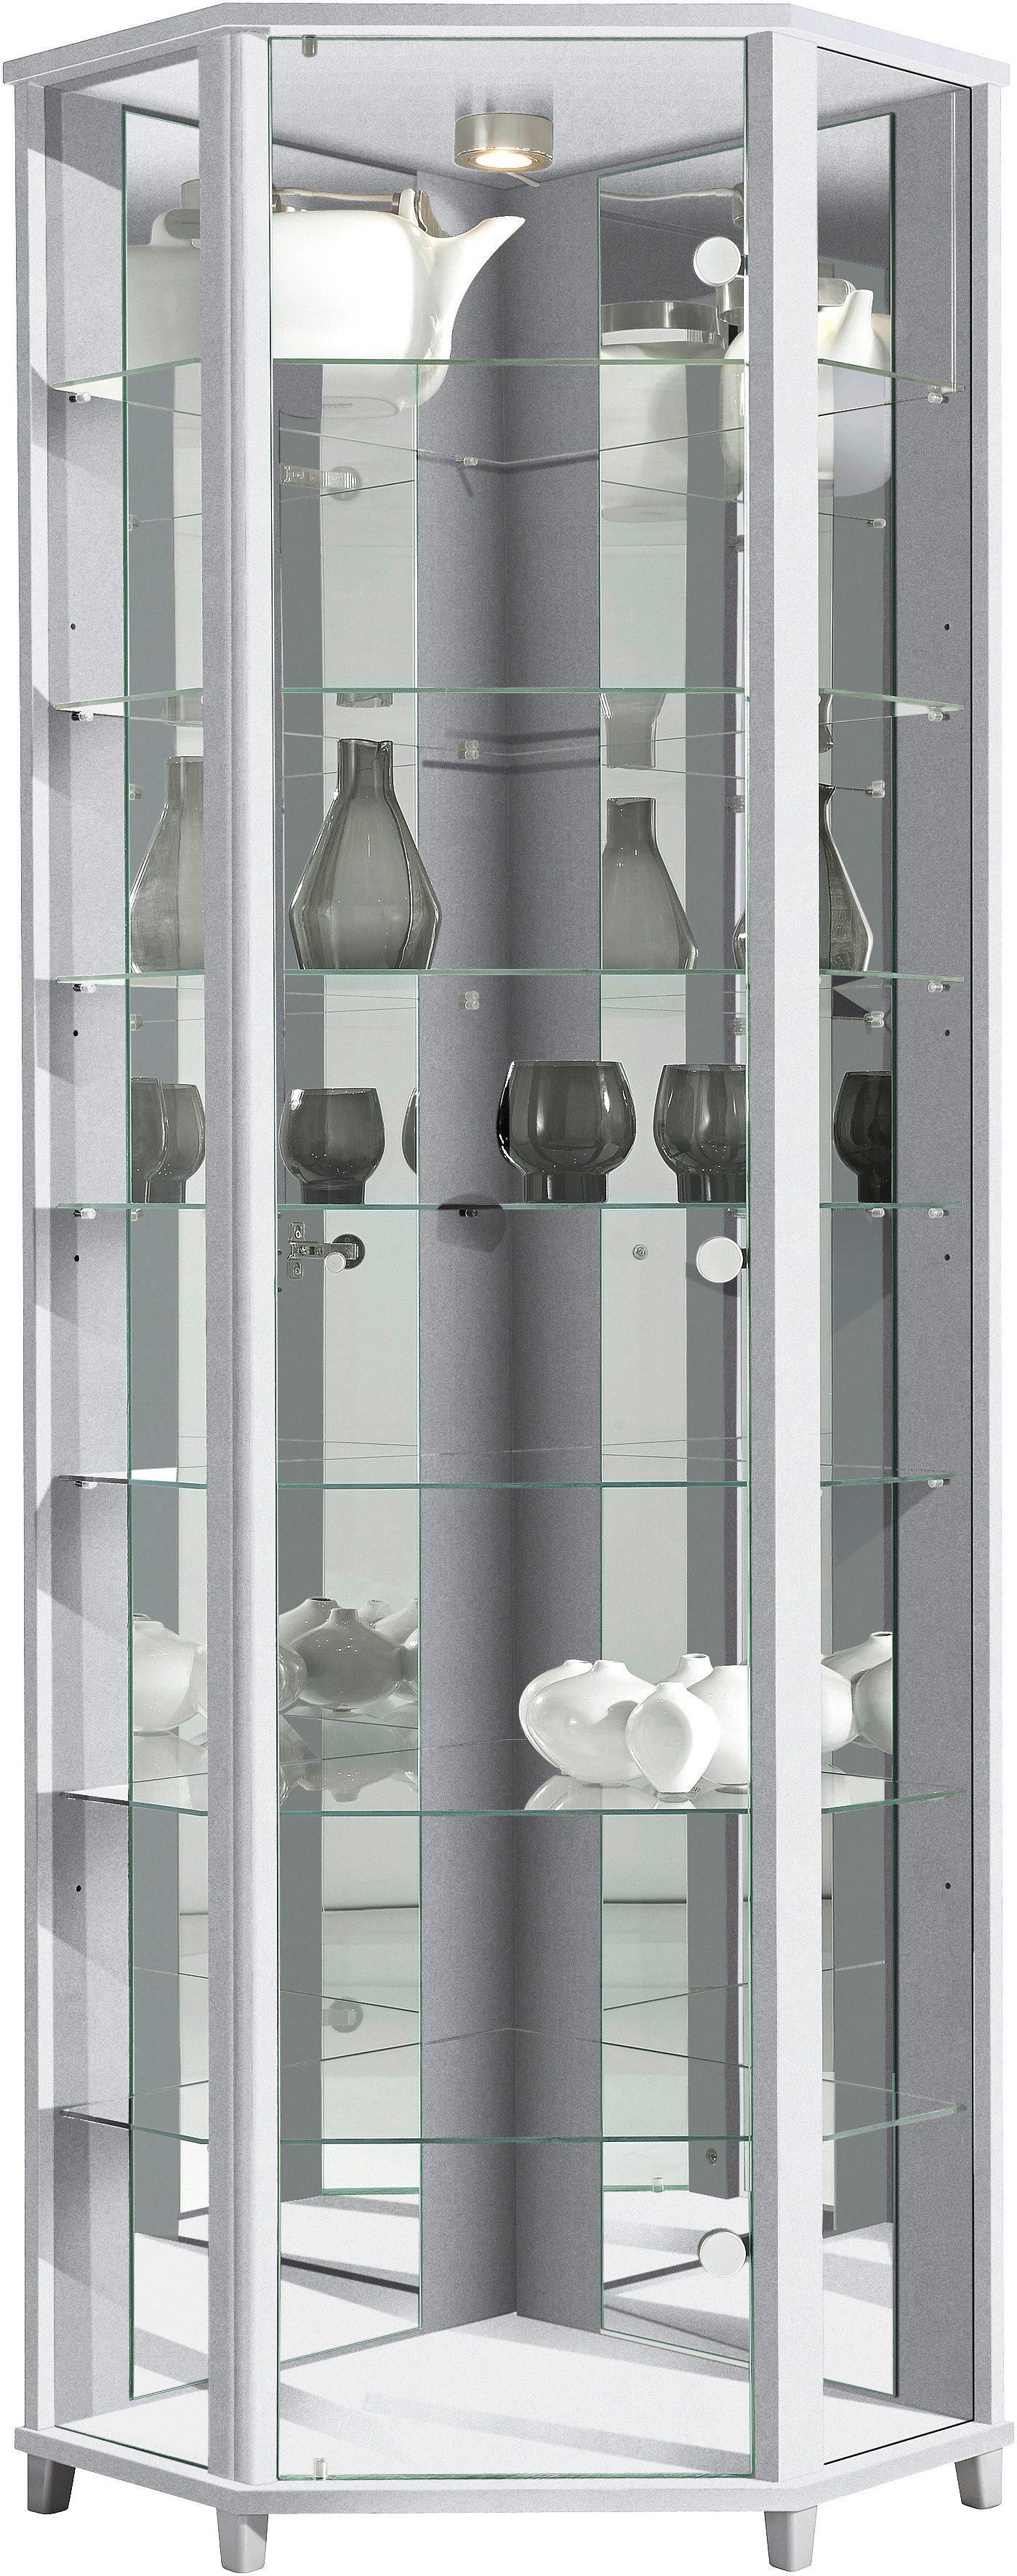 Eckvitrine Höhe 172 cm 7 Glasböden   Wohnzimmer > Vitrinen > Eckvitrinen